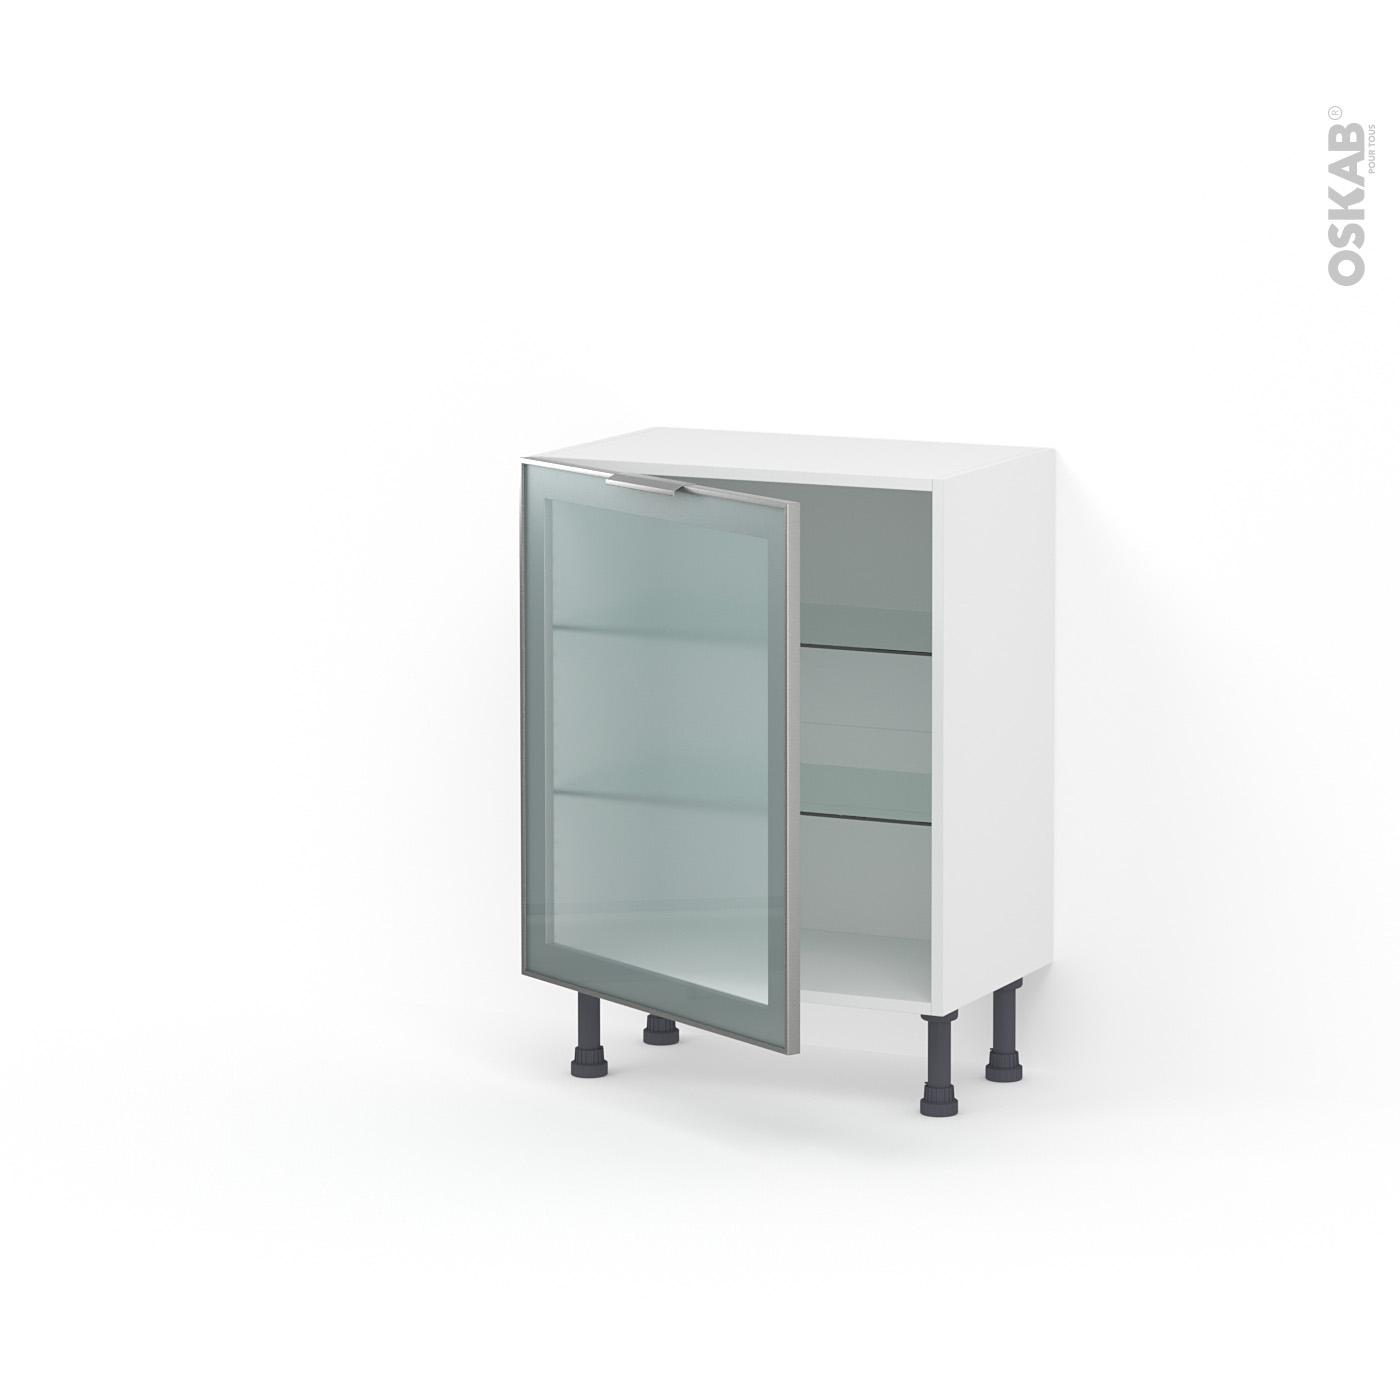 Meuble haut & bas cuisine vitré, Porte vitrée noir, blanc ou ...